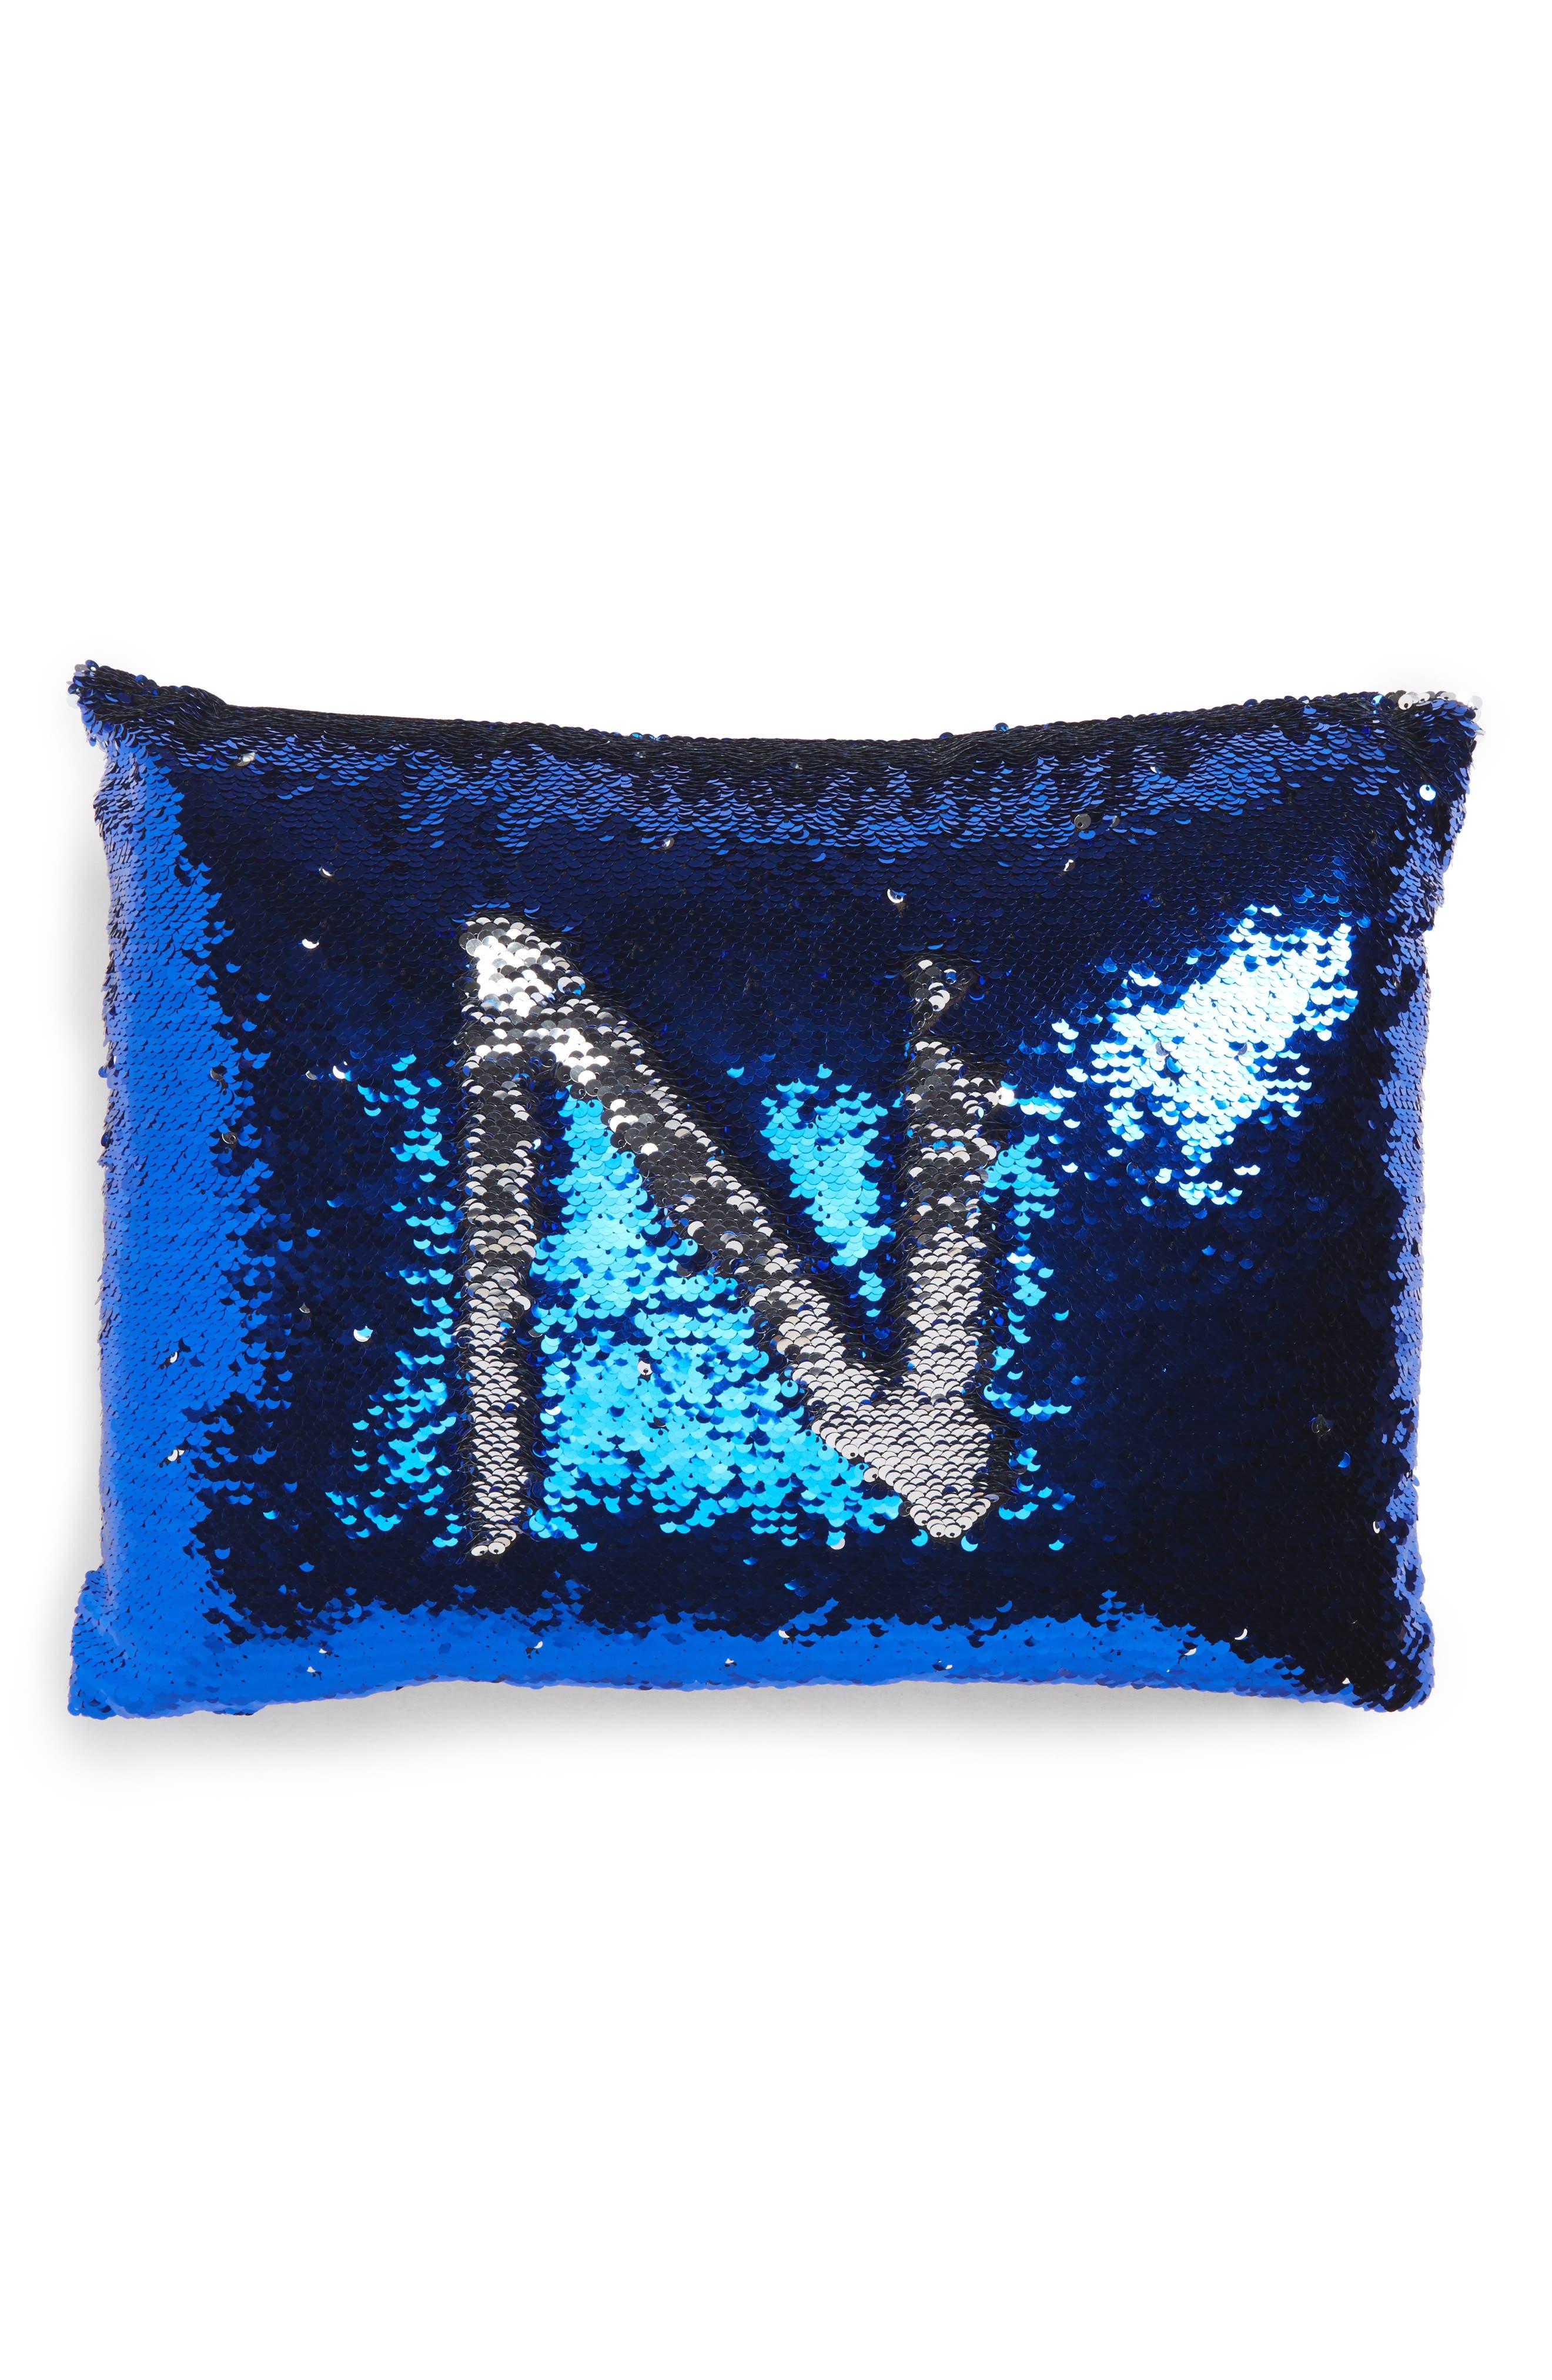 Main Image - Levtex Sequin Pillow